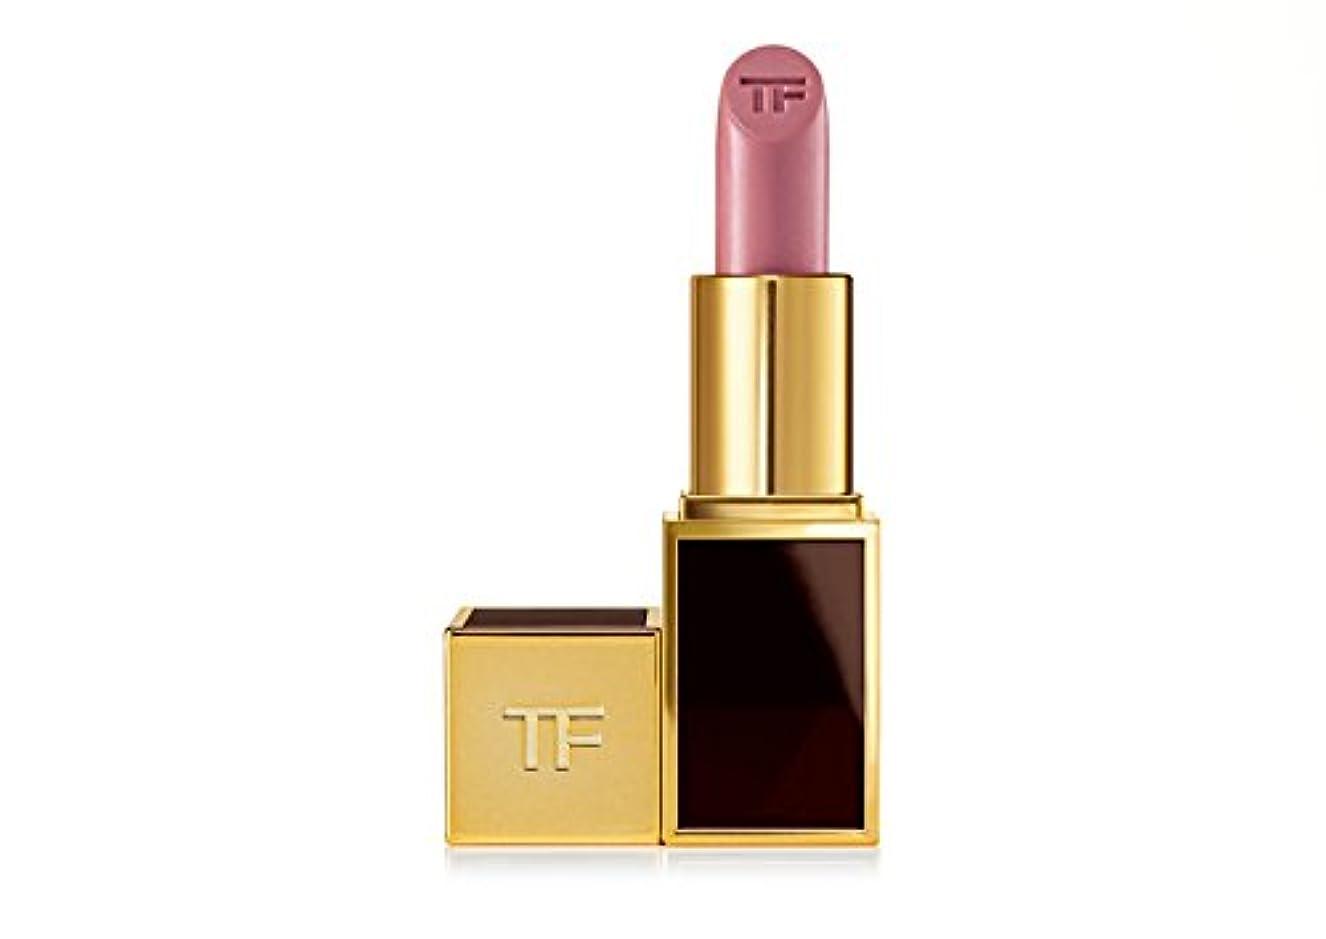 コンテスト小切手クリエイティブトムフォード リップス アンド ボーイズ 12 バイオレット リップカラー 口紅 Tom Ford Lipstick 12 VIOLETS Lip Color Lips and Boys (Julian ジュリアン) [...